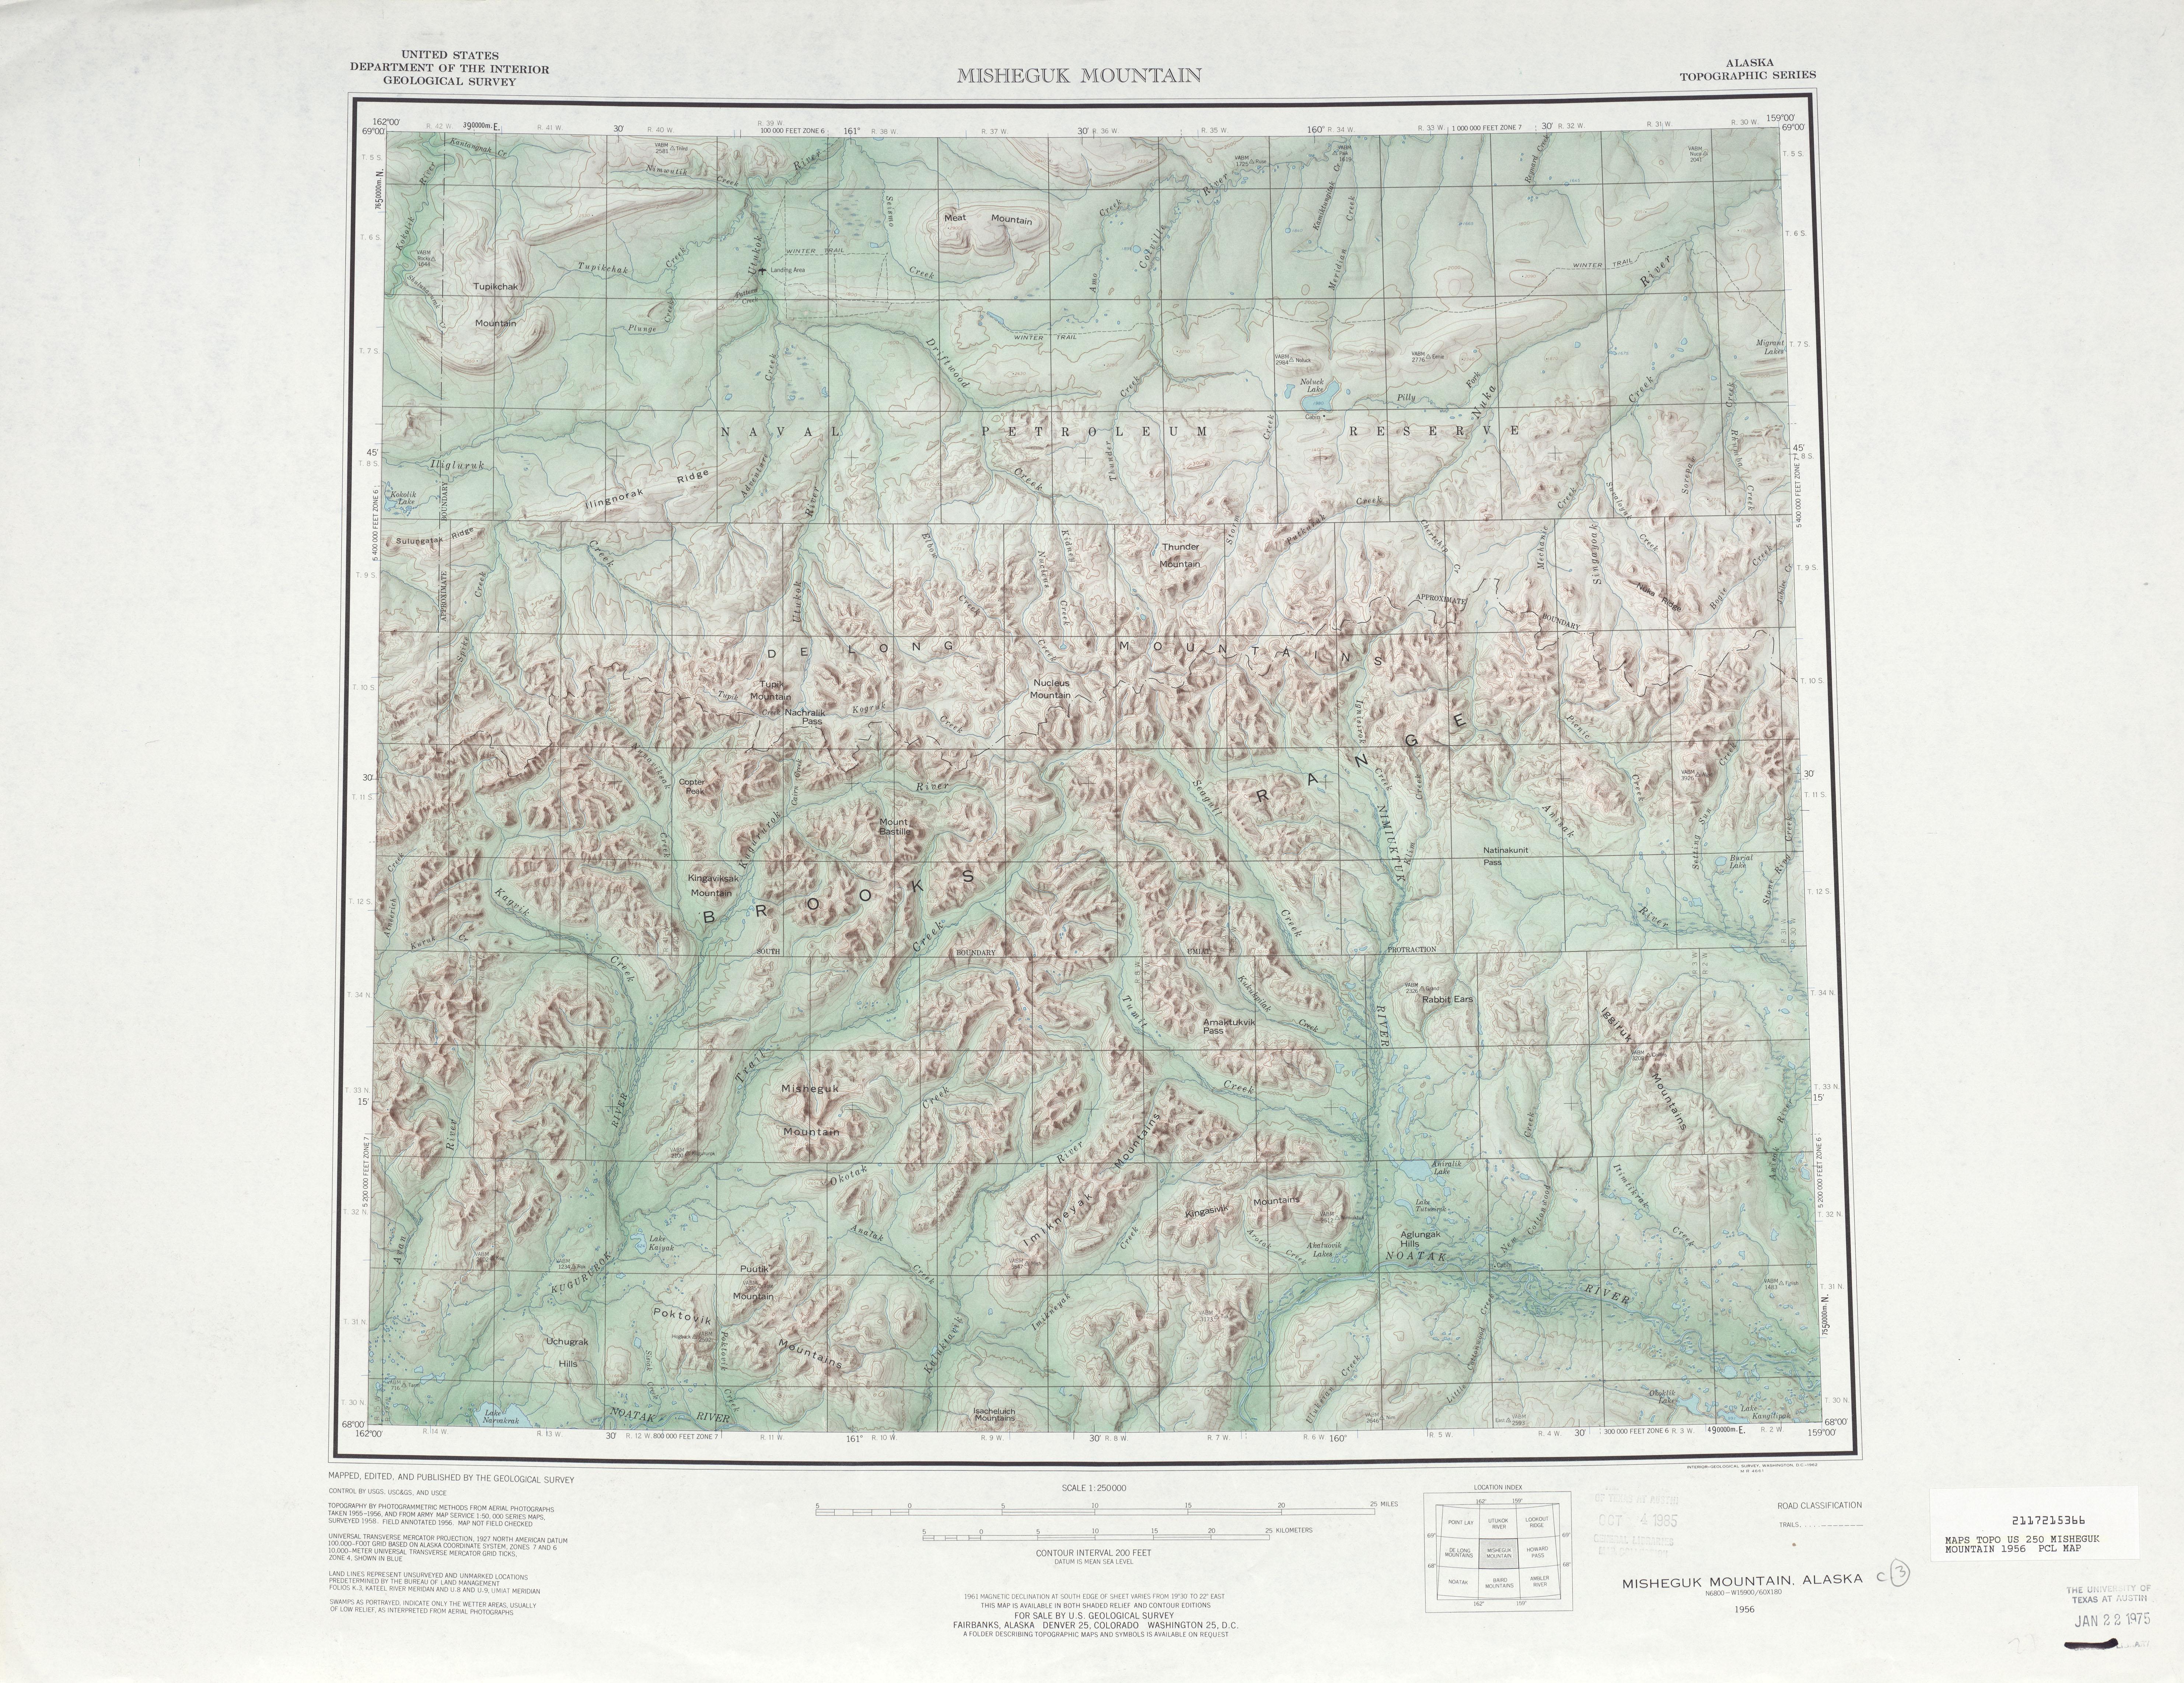 Hoja Misheguk Mountain del Mapa de Relieve Sombreado de los Estados Unidos 1956